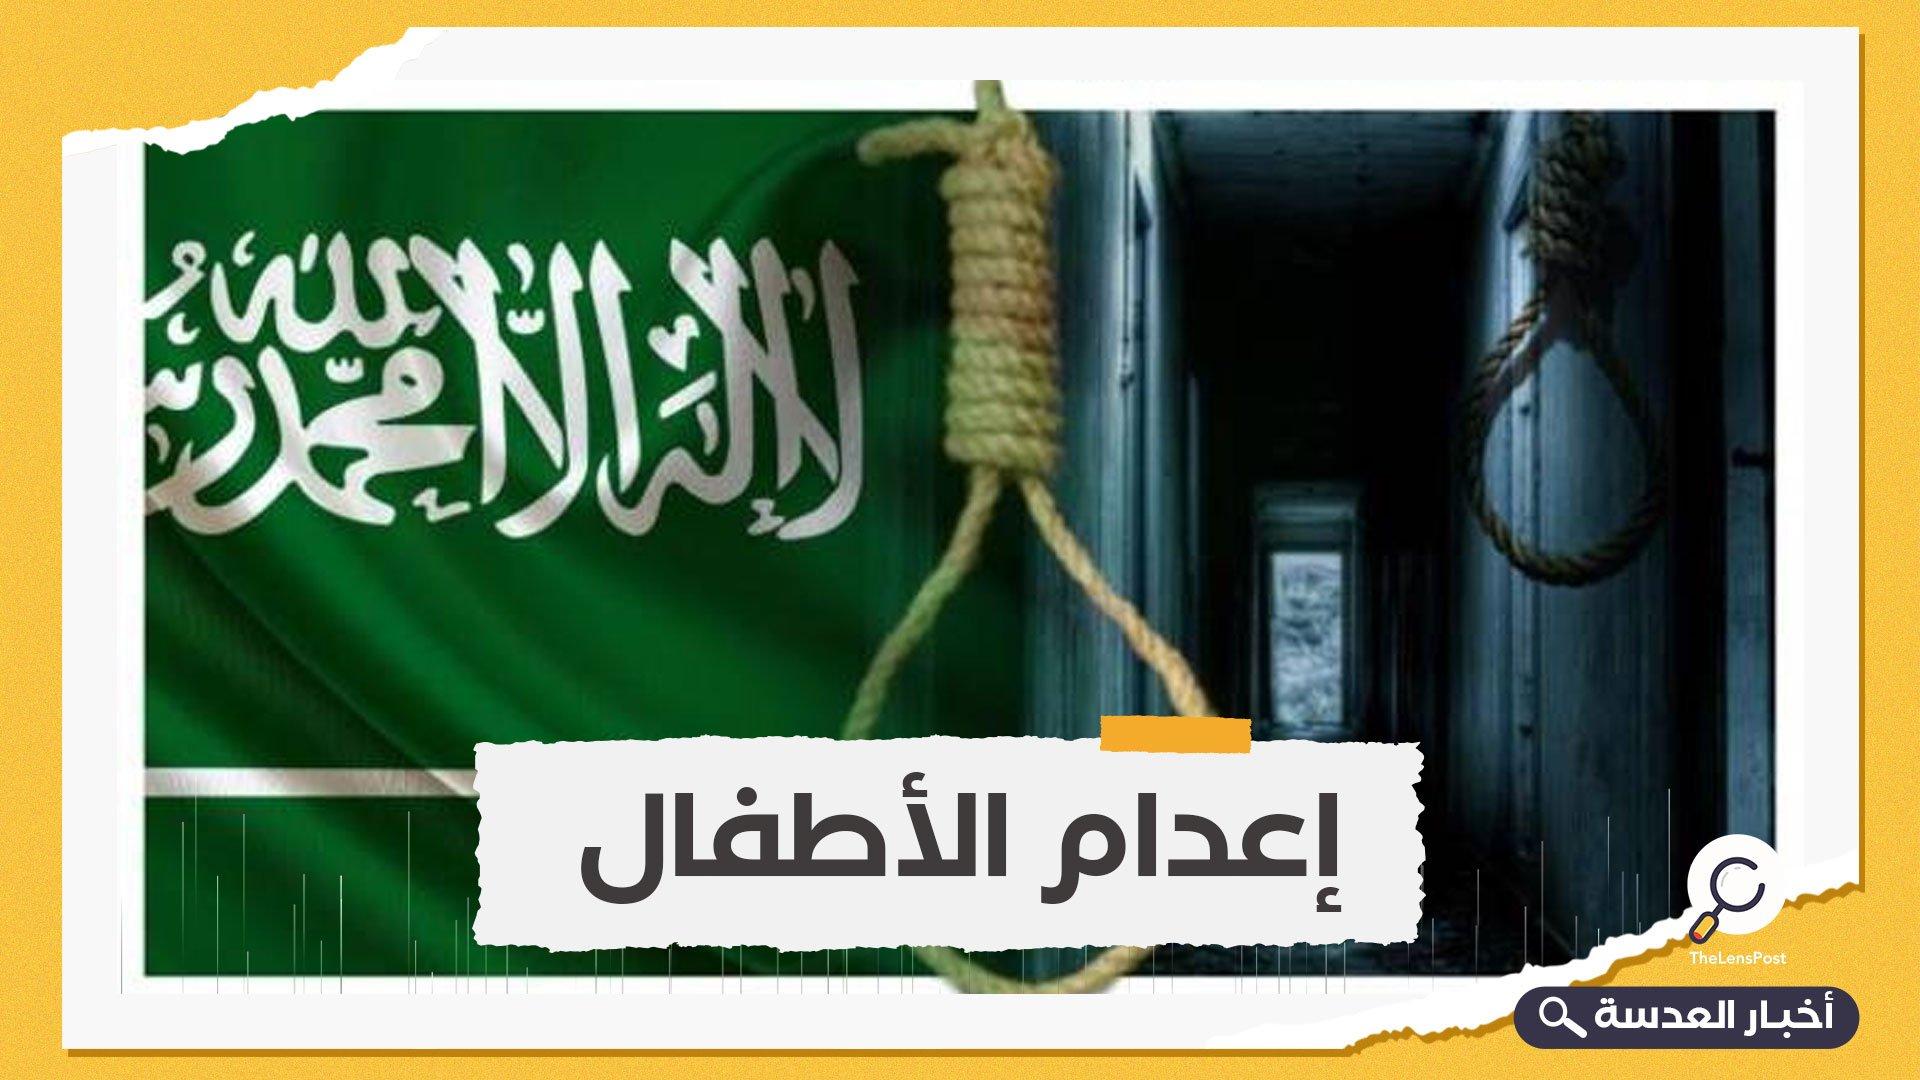 رغم التعهد بوقفها.. أحكام بإعدام القُصّر لا تزال قائمة في السعودية